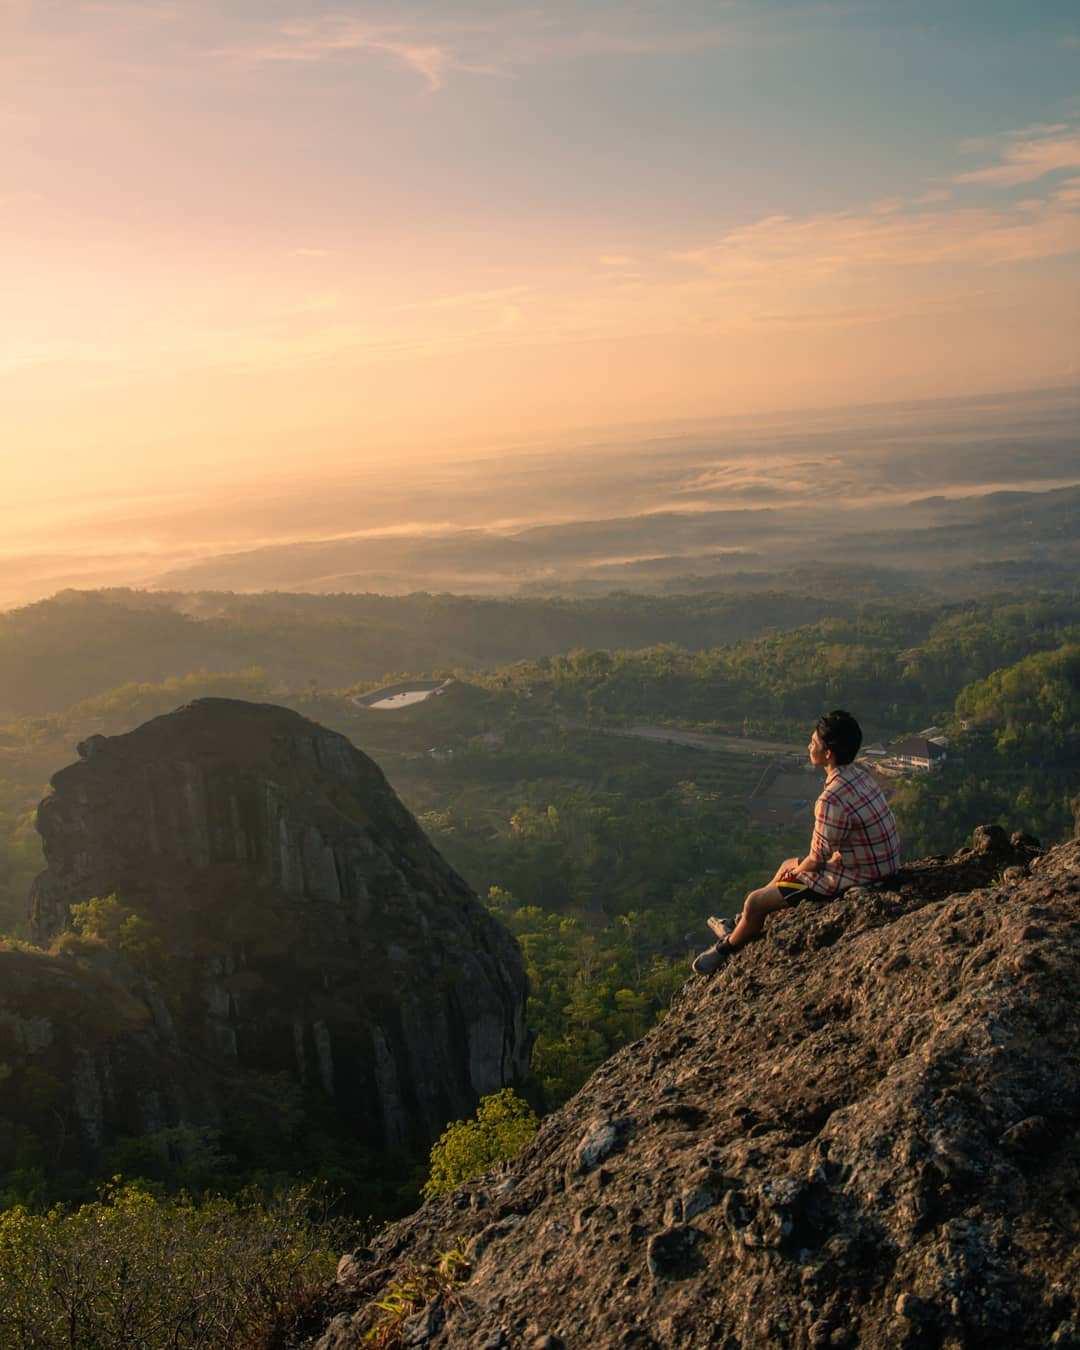 Menikmati Sunrise di Puncak Gunung Api Purba Ngelangran, Image From @antwcksn